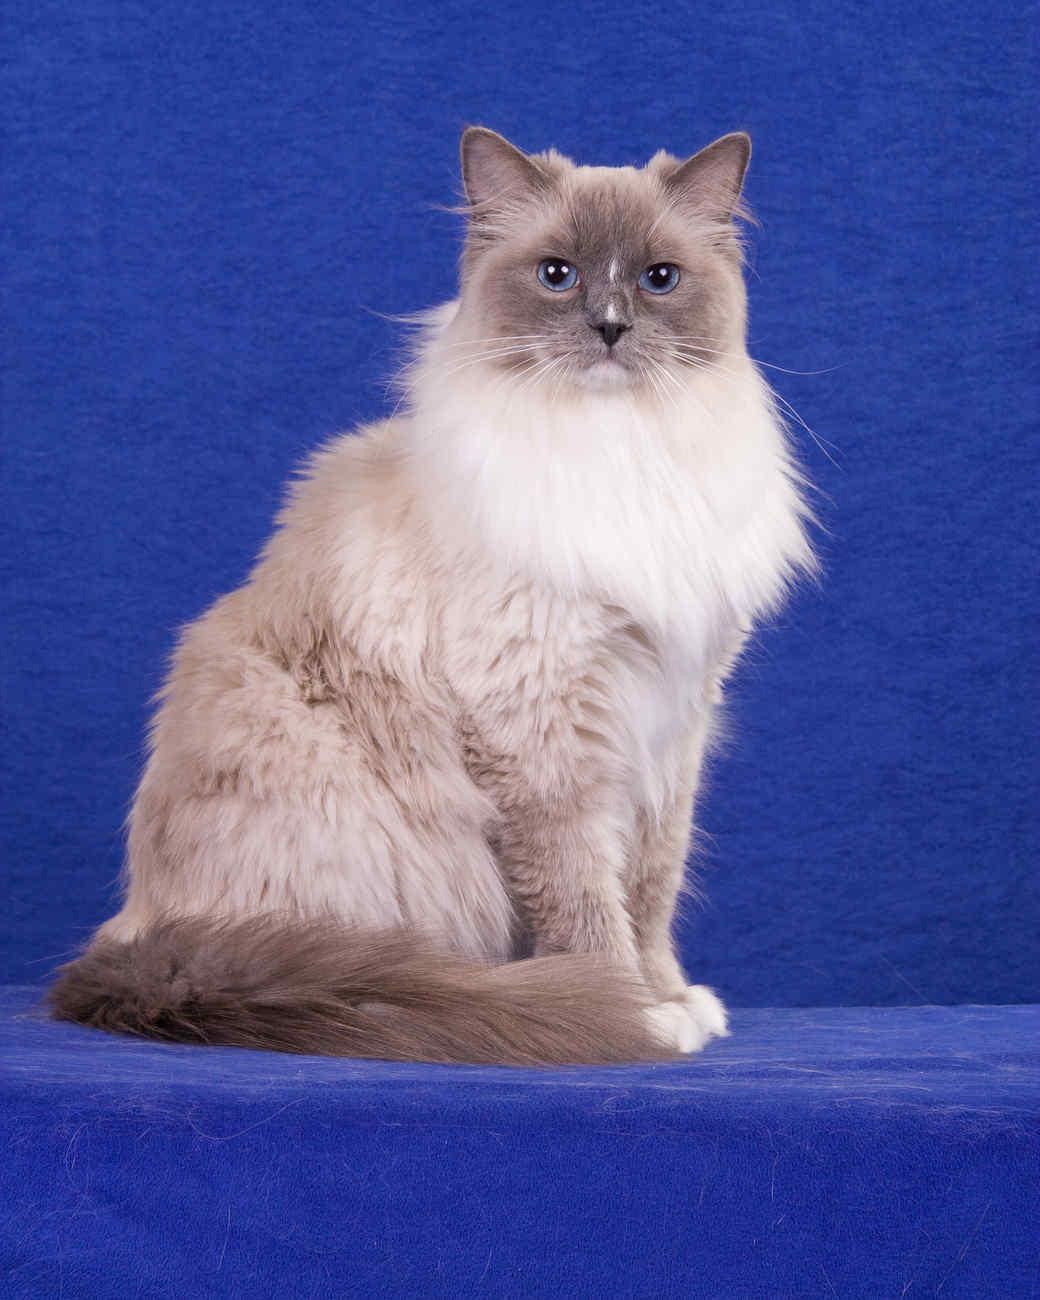 cat-breeds-ragdoll-kc30-652.jpg